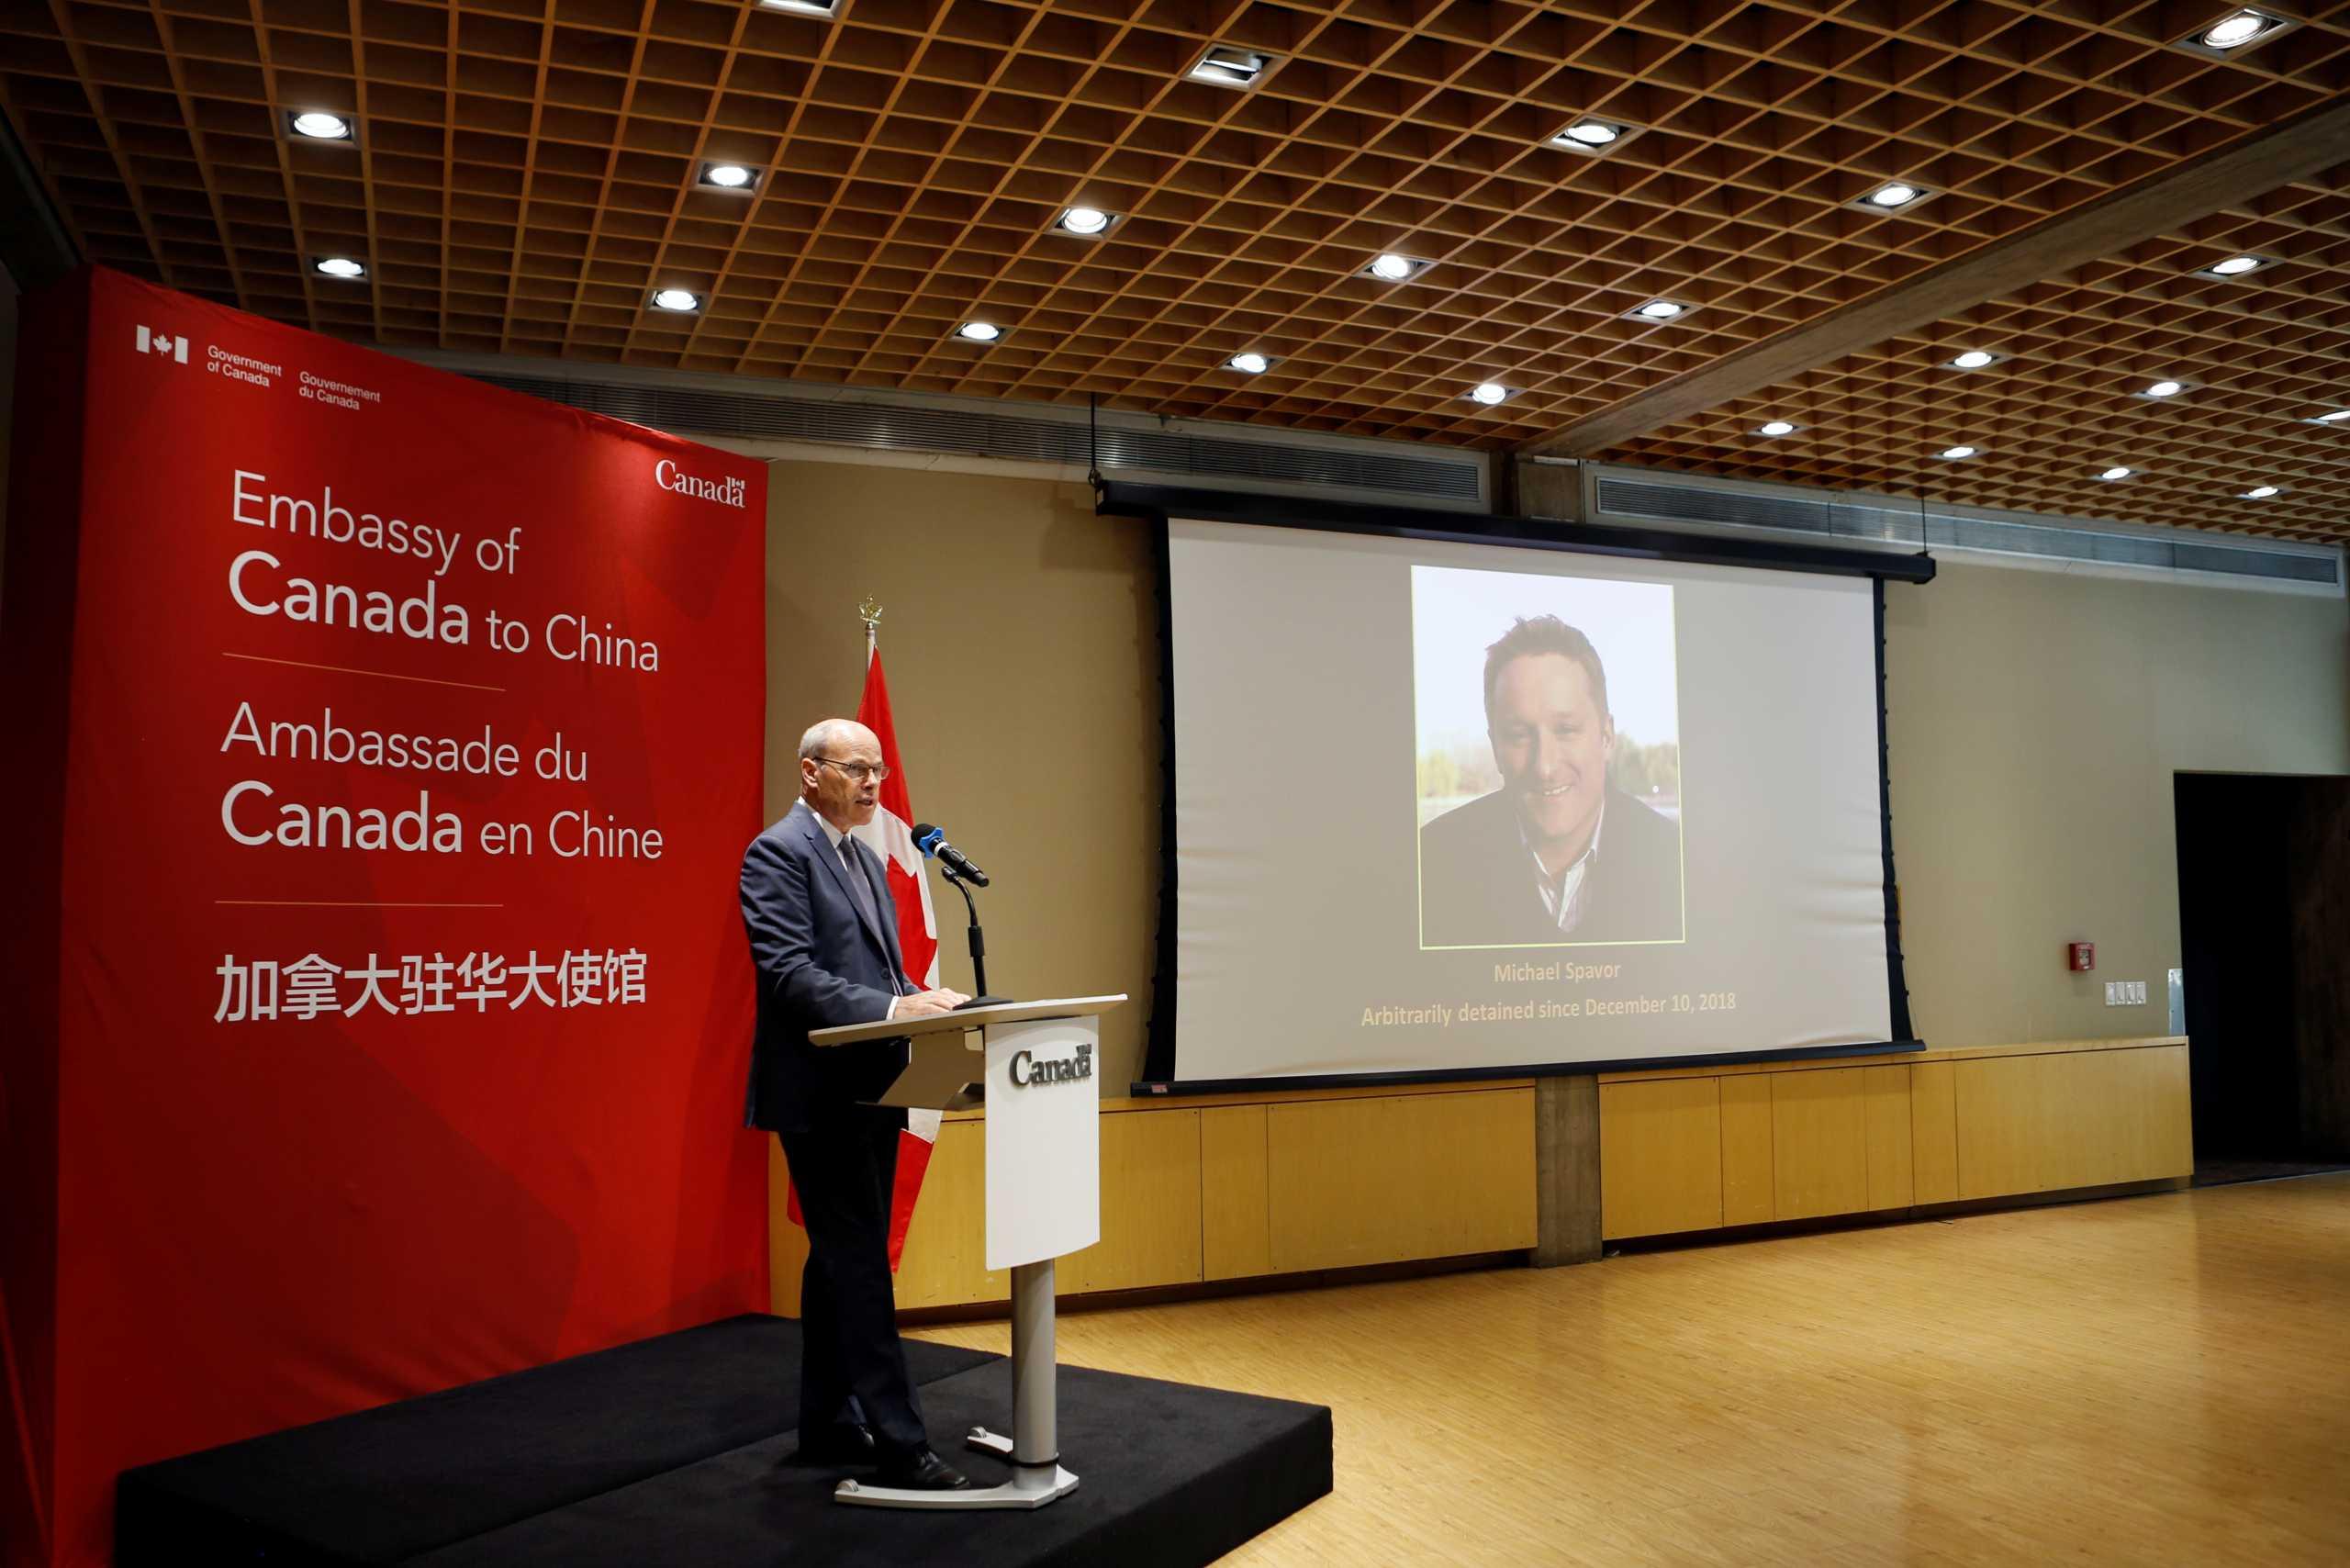 Οι ΗΠΑ στηλιτεύουν την καταδίκη Καναδού για «κατασκοπεία» από την Κίνα